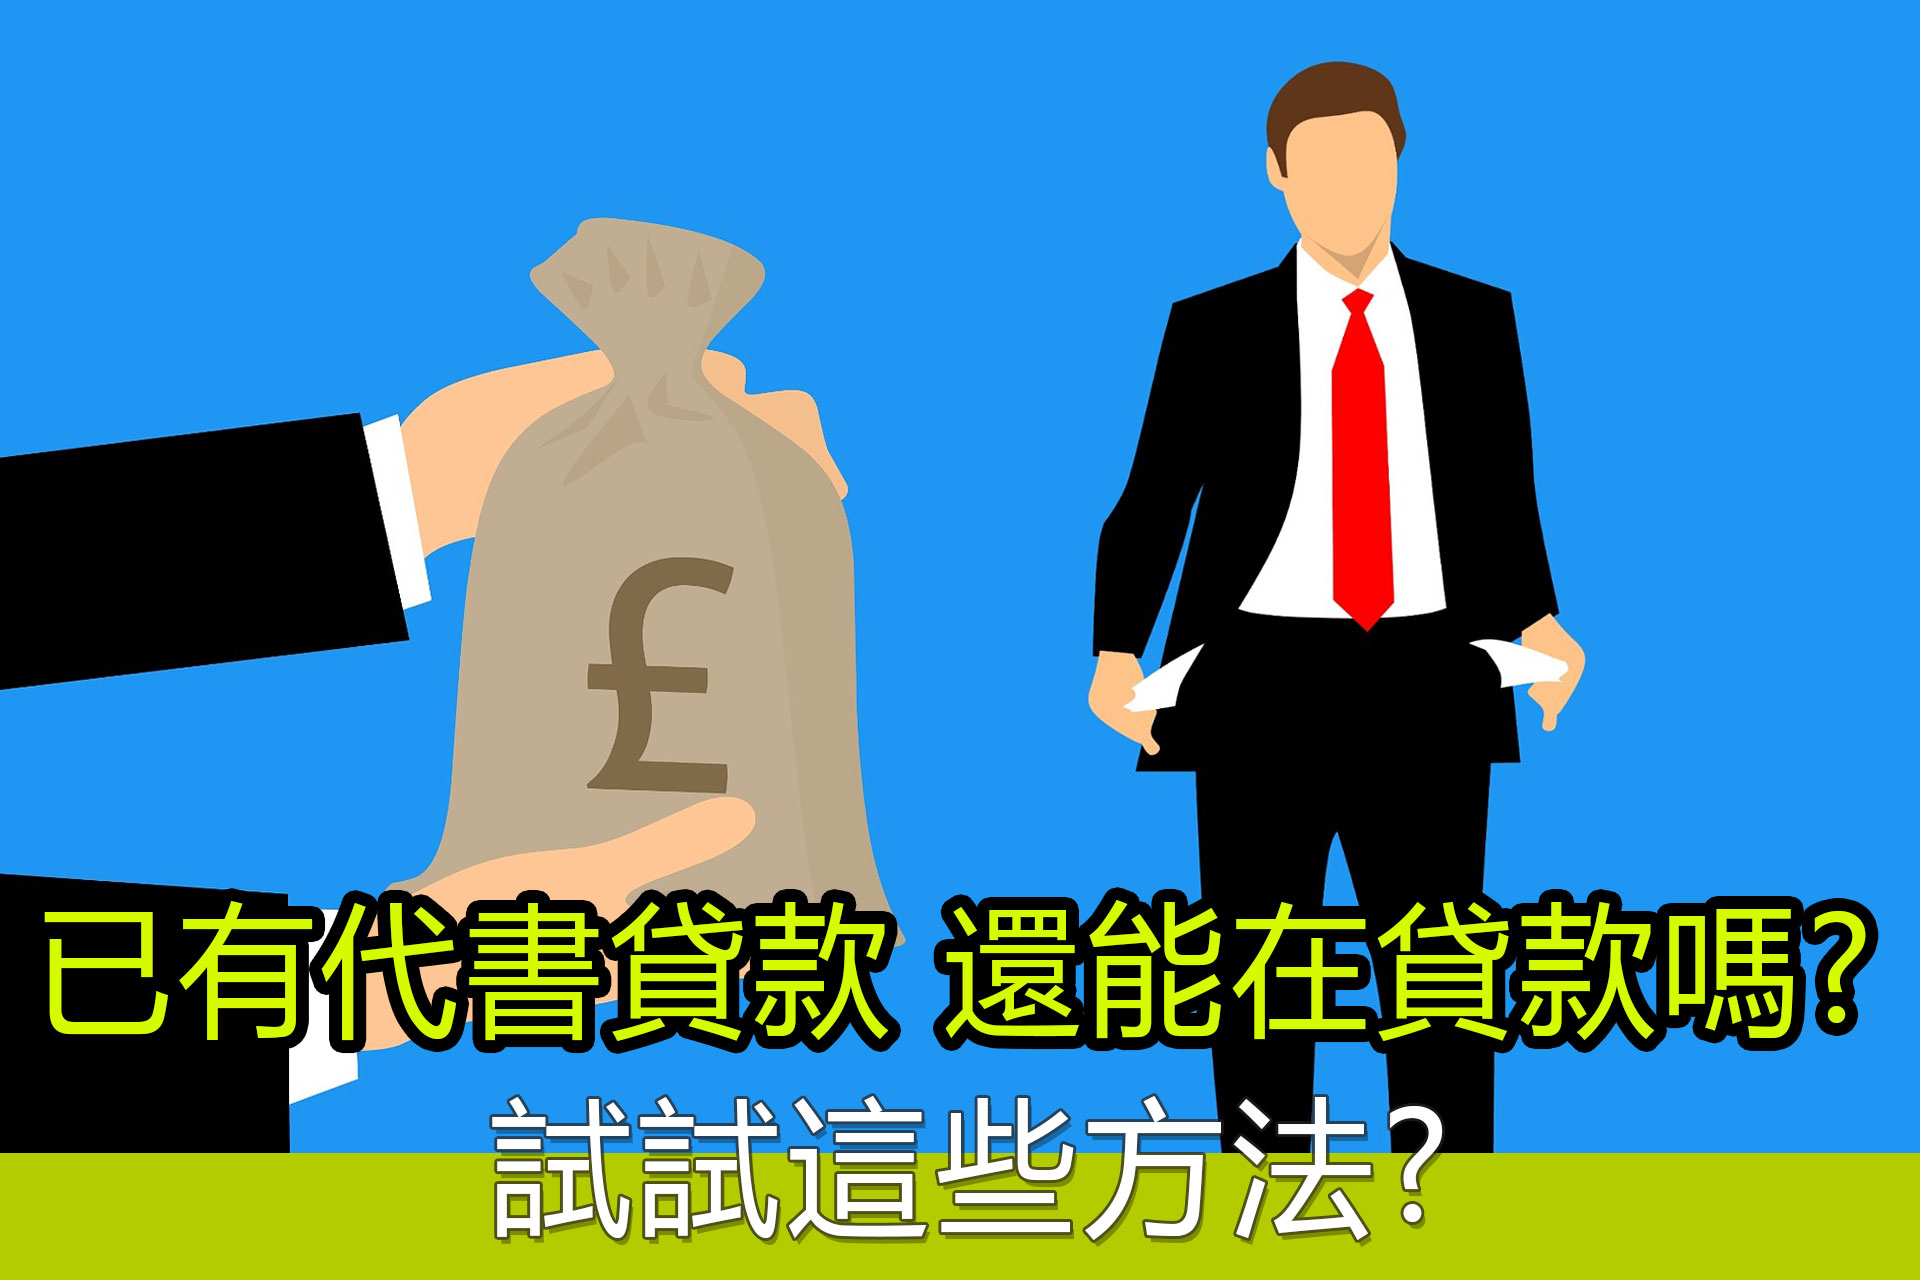 民間代書貸款轉增貸